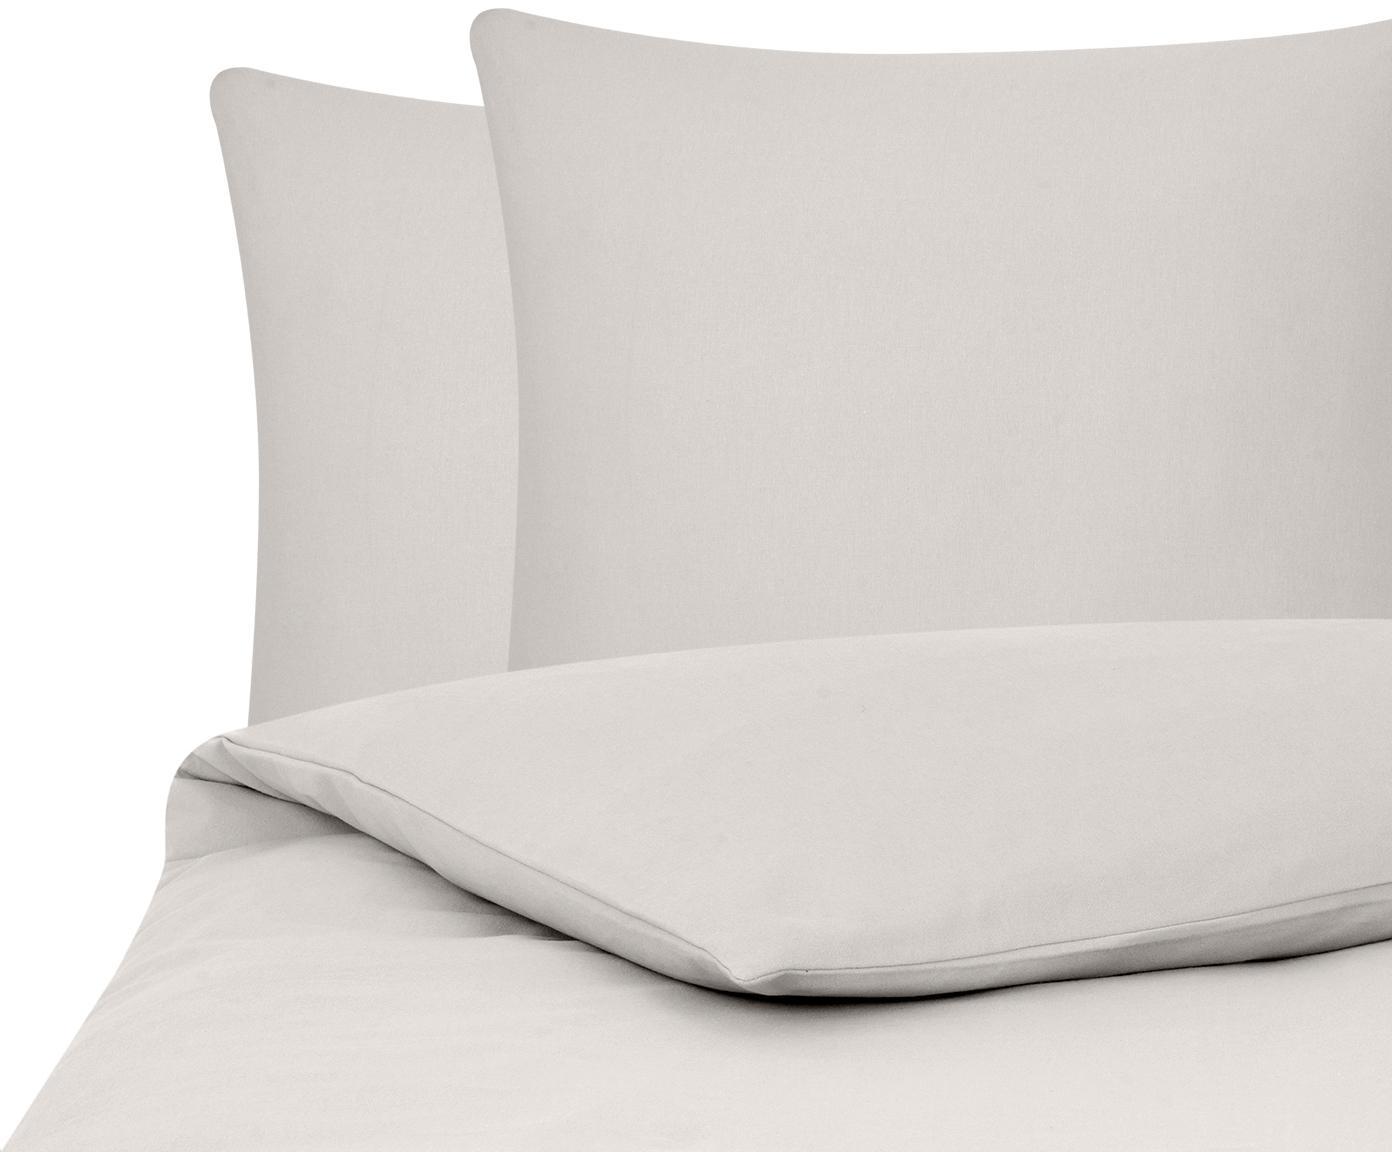 Flanell-Bettwäsche Biba in Taupe, Webart: Flanell Flanell ist ein s, Taupe, 200 x 200 cm + 2 Kissen 80 x 80 cm